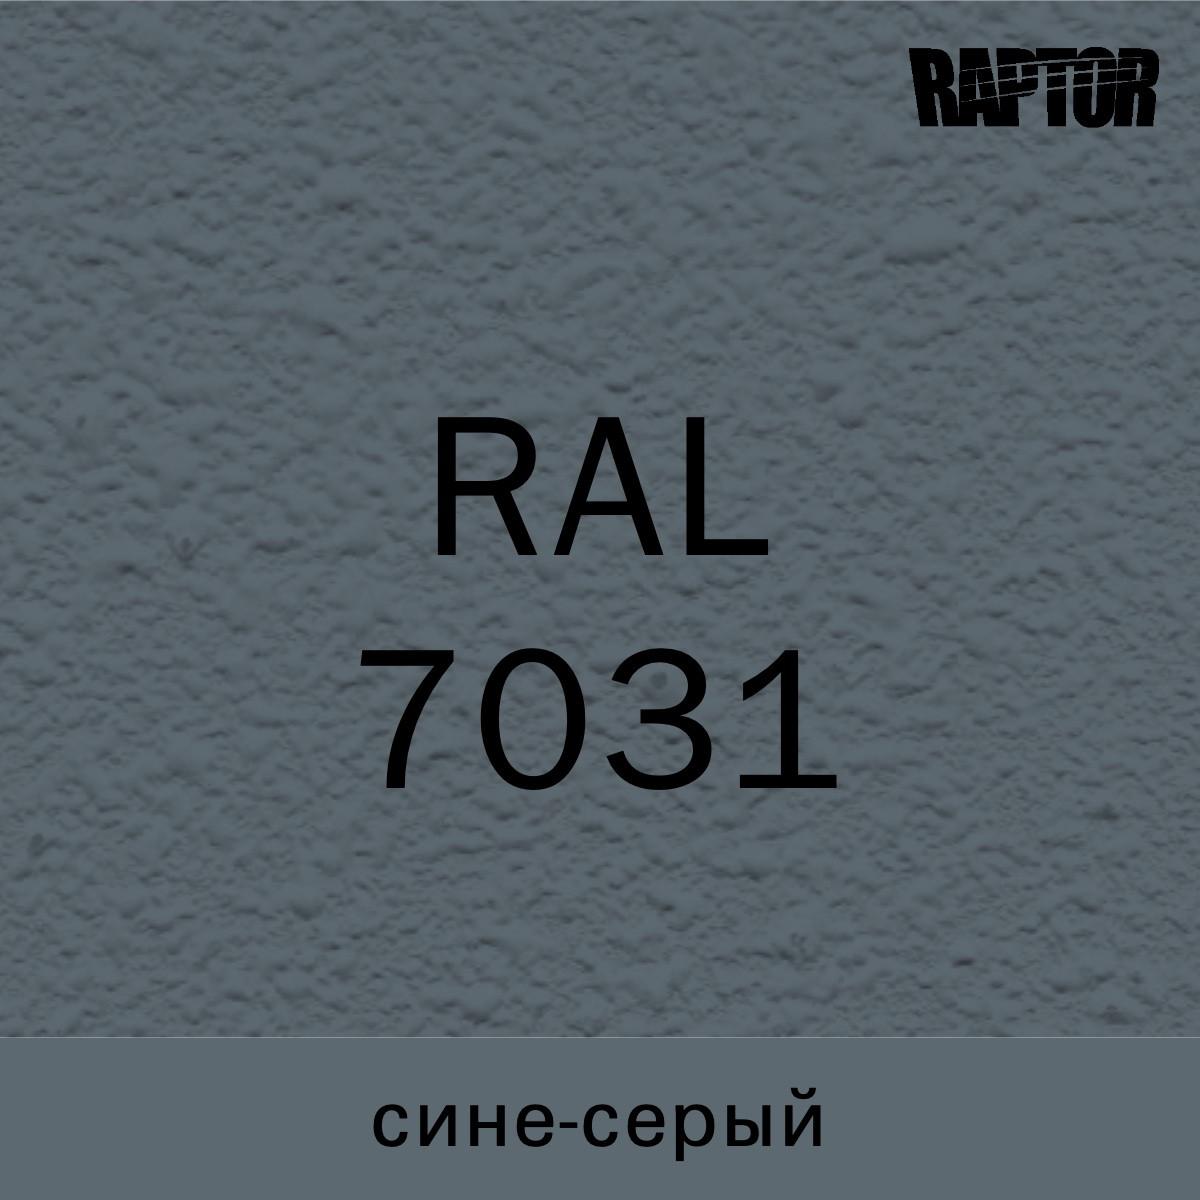 Пигмент для колеровки покрытия RAPTOR™ Сине-серый (RAL 7031)